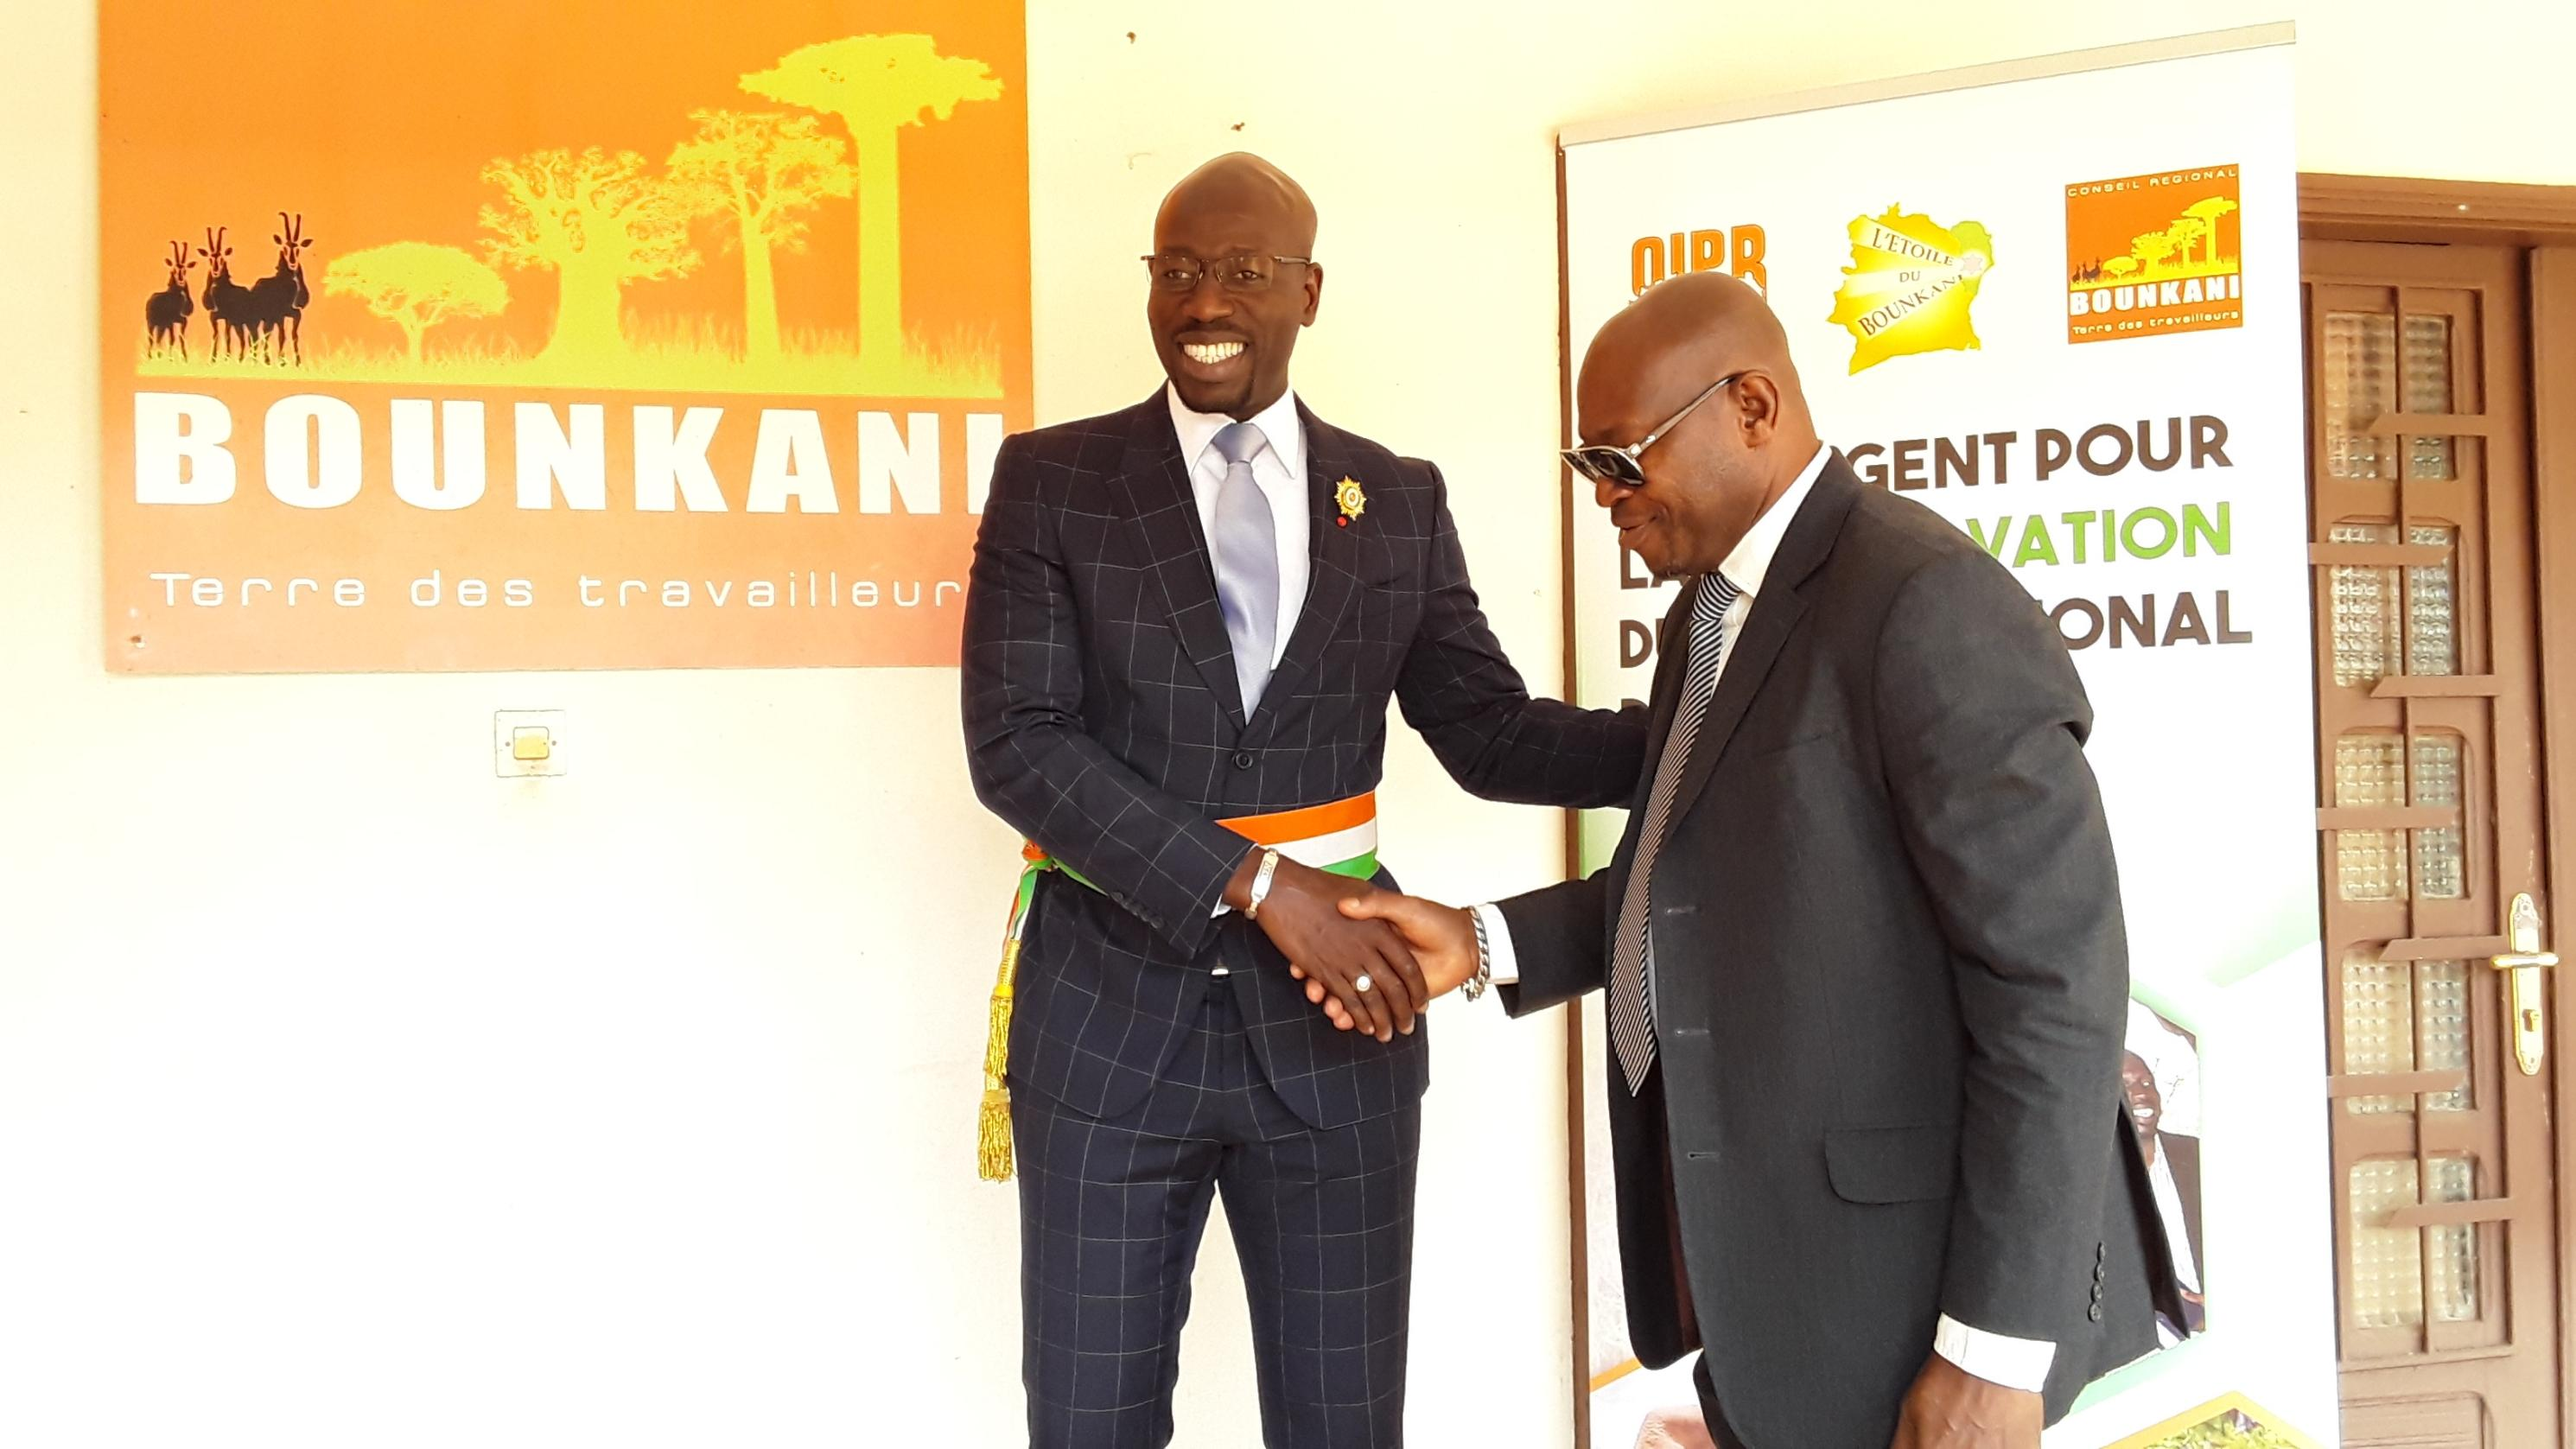 Côte d'Ivoire/ Voeux des personnels du Conseil régional du Bounkani au président Hien Philippe